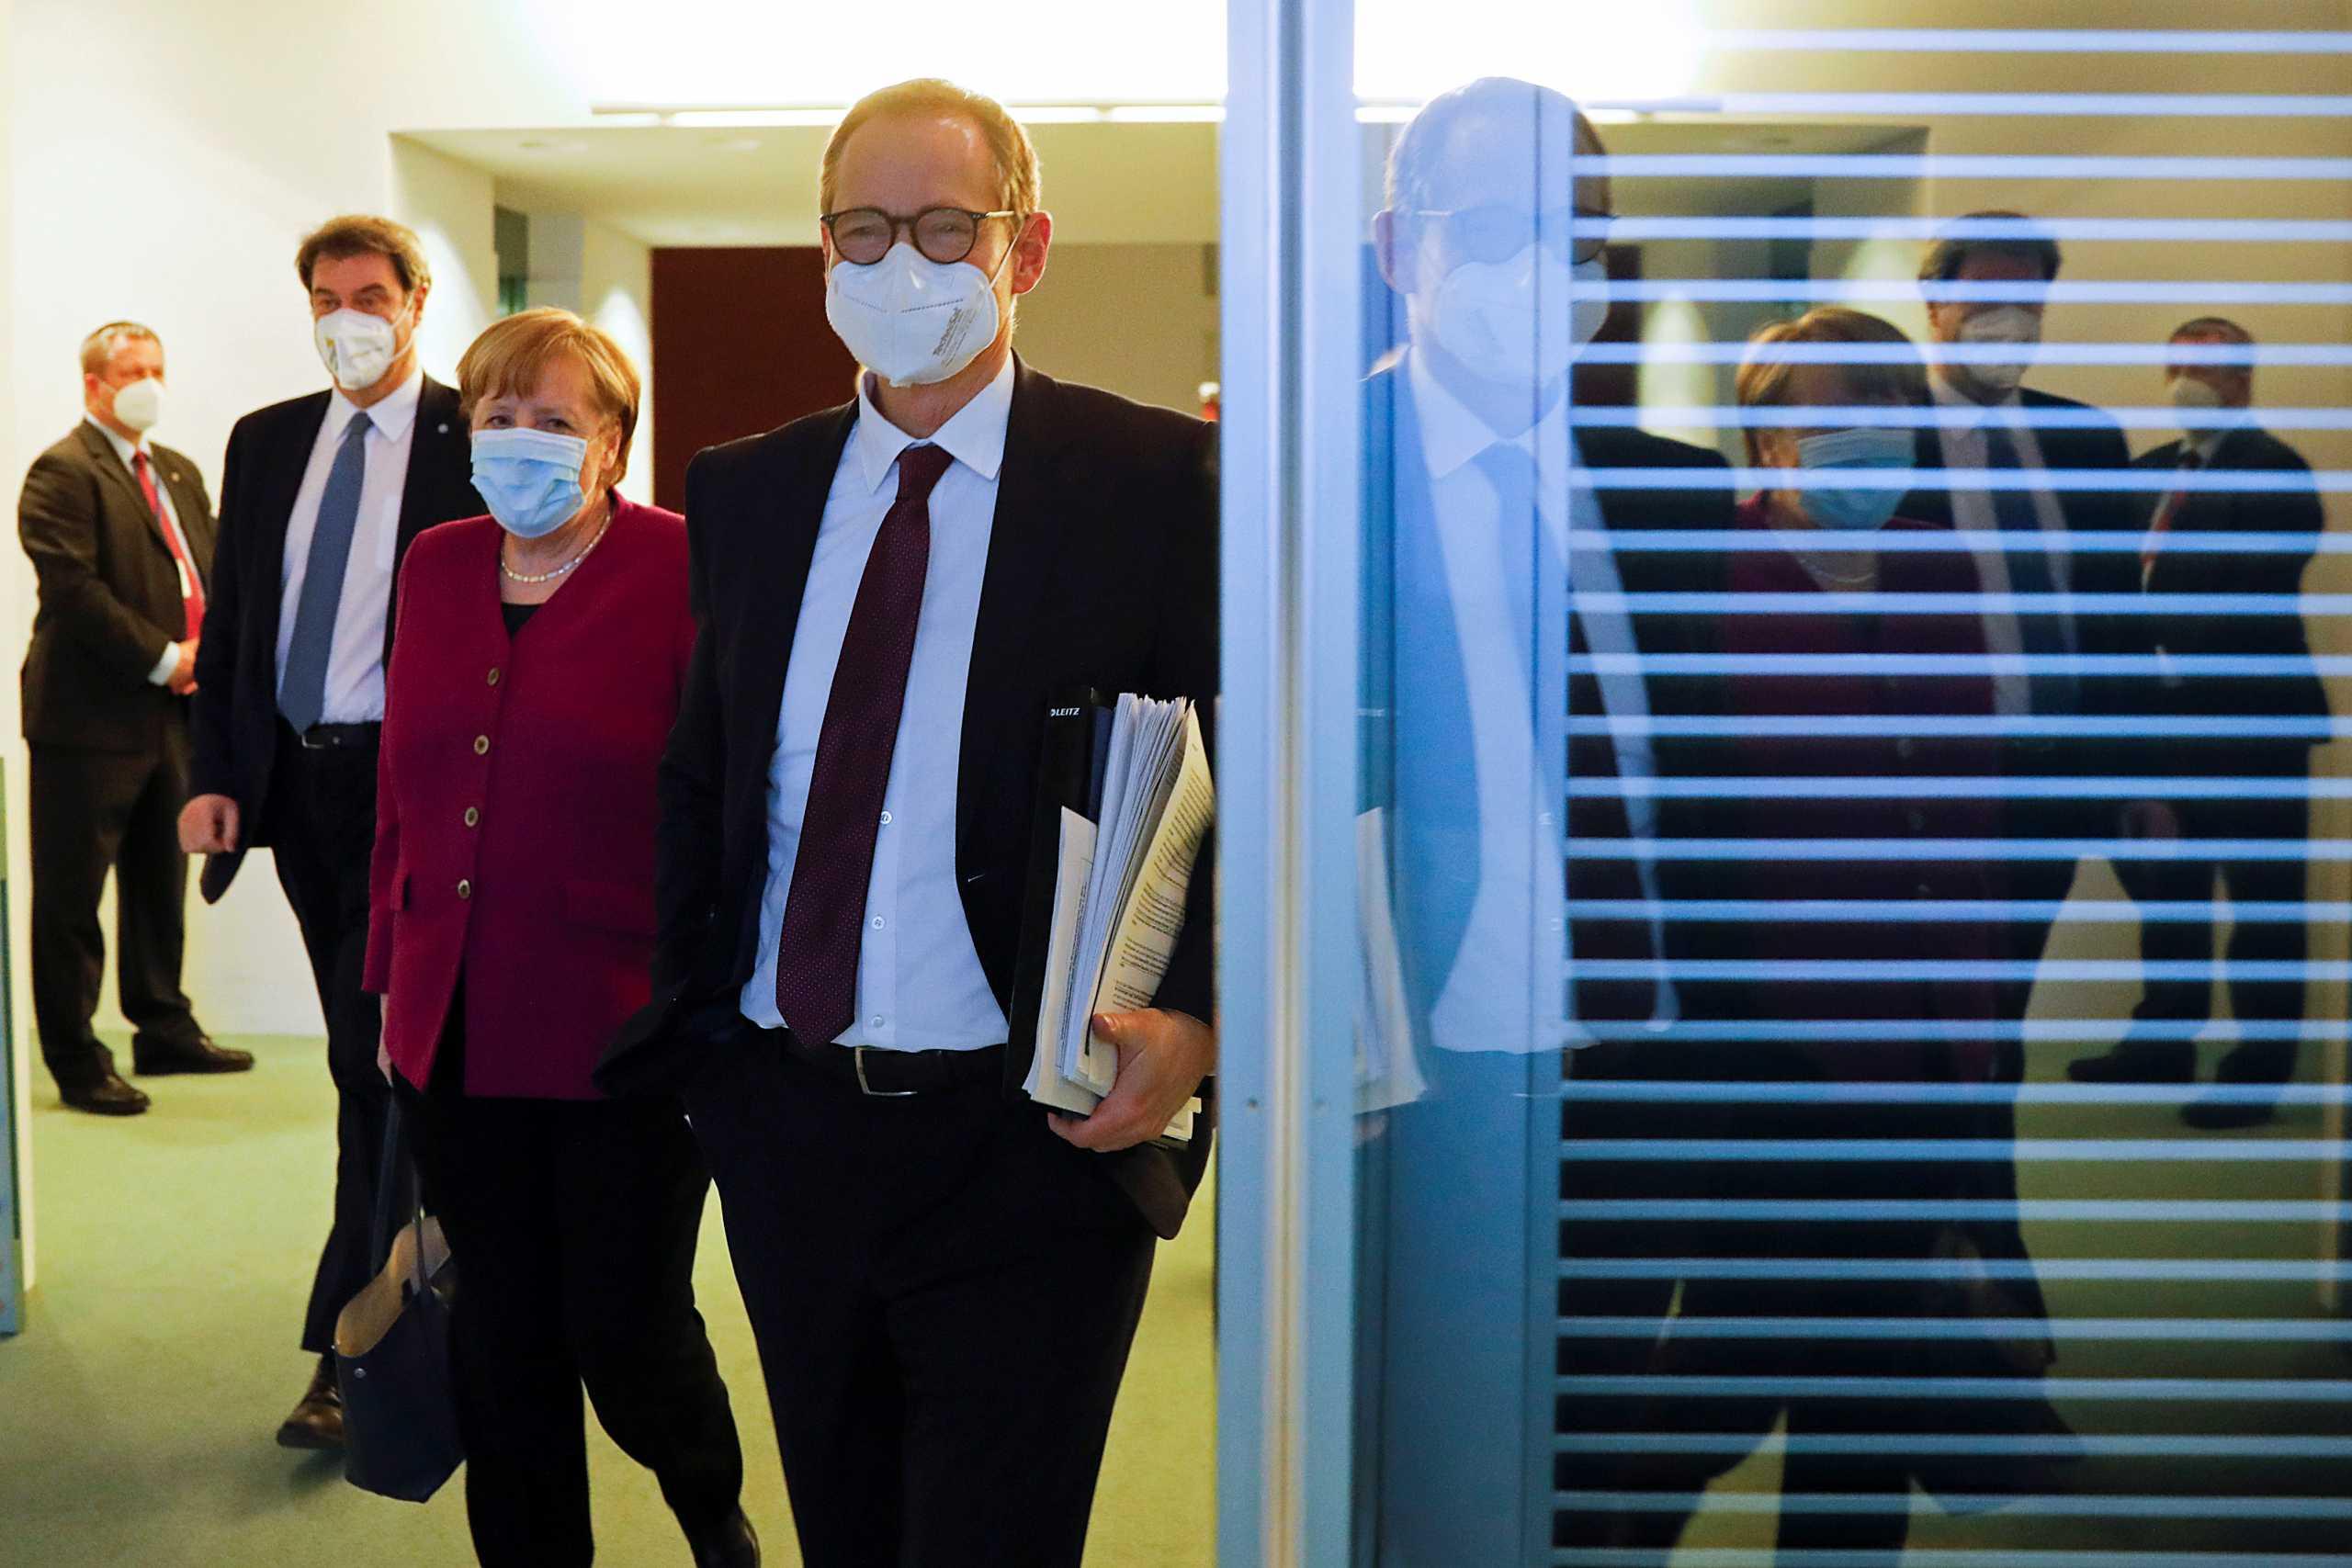 Παράταση lockdown στη Γερμανία μέχρι 28 Μαρτίου με σταδιακή άρση μέτρων – «Σκοτωμός» για τα μέτρα